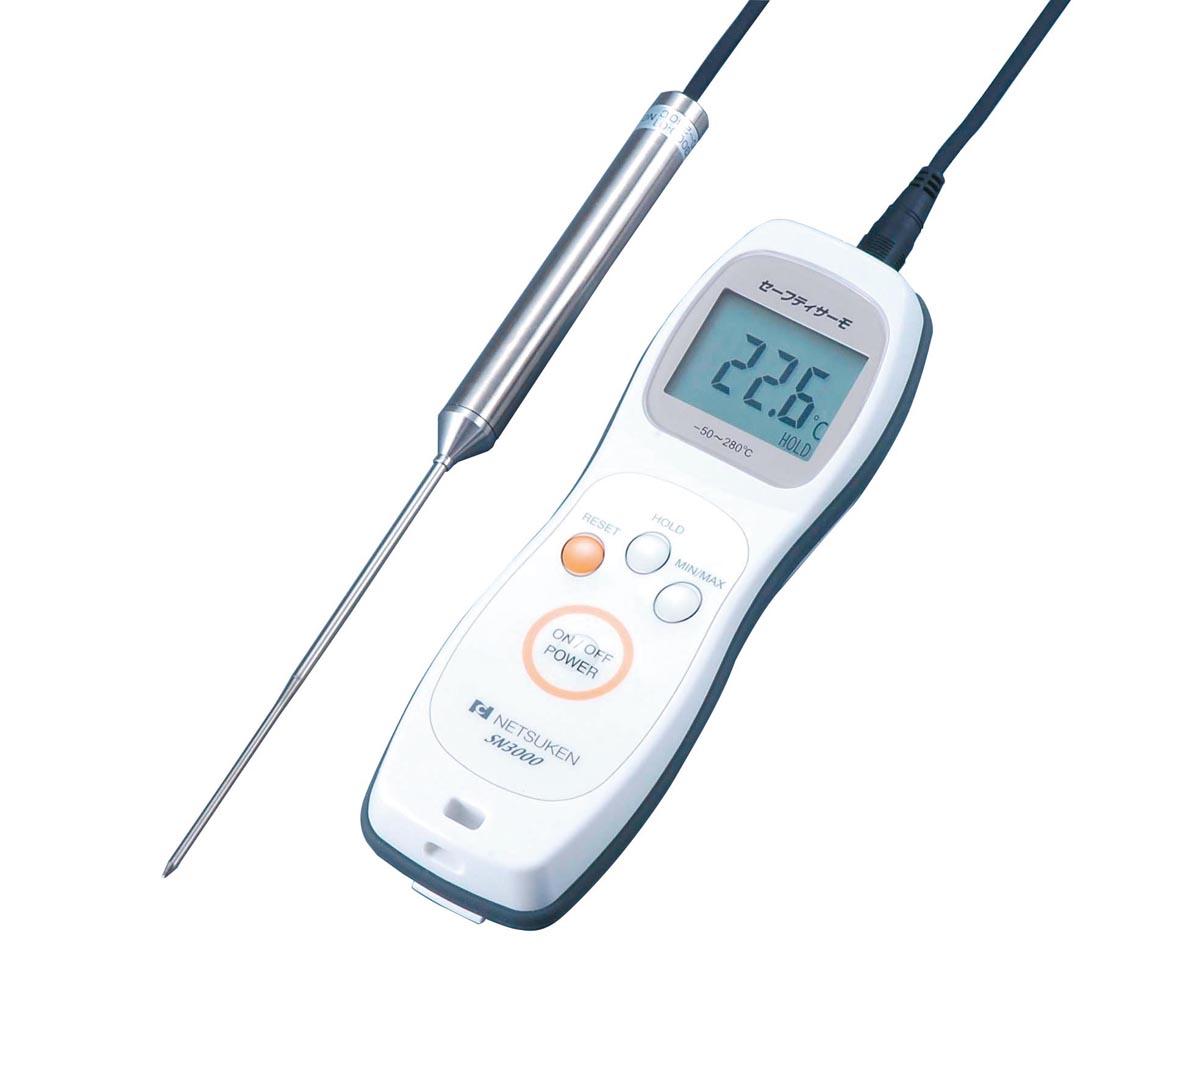 熱研 防水型デジタル温度計(センサ付) SN3000